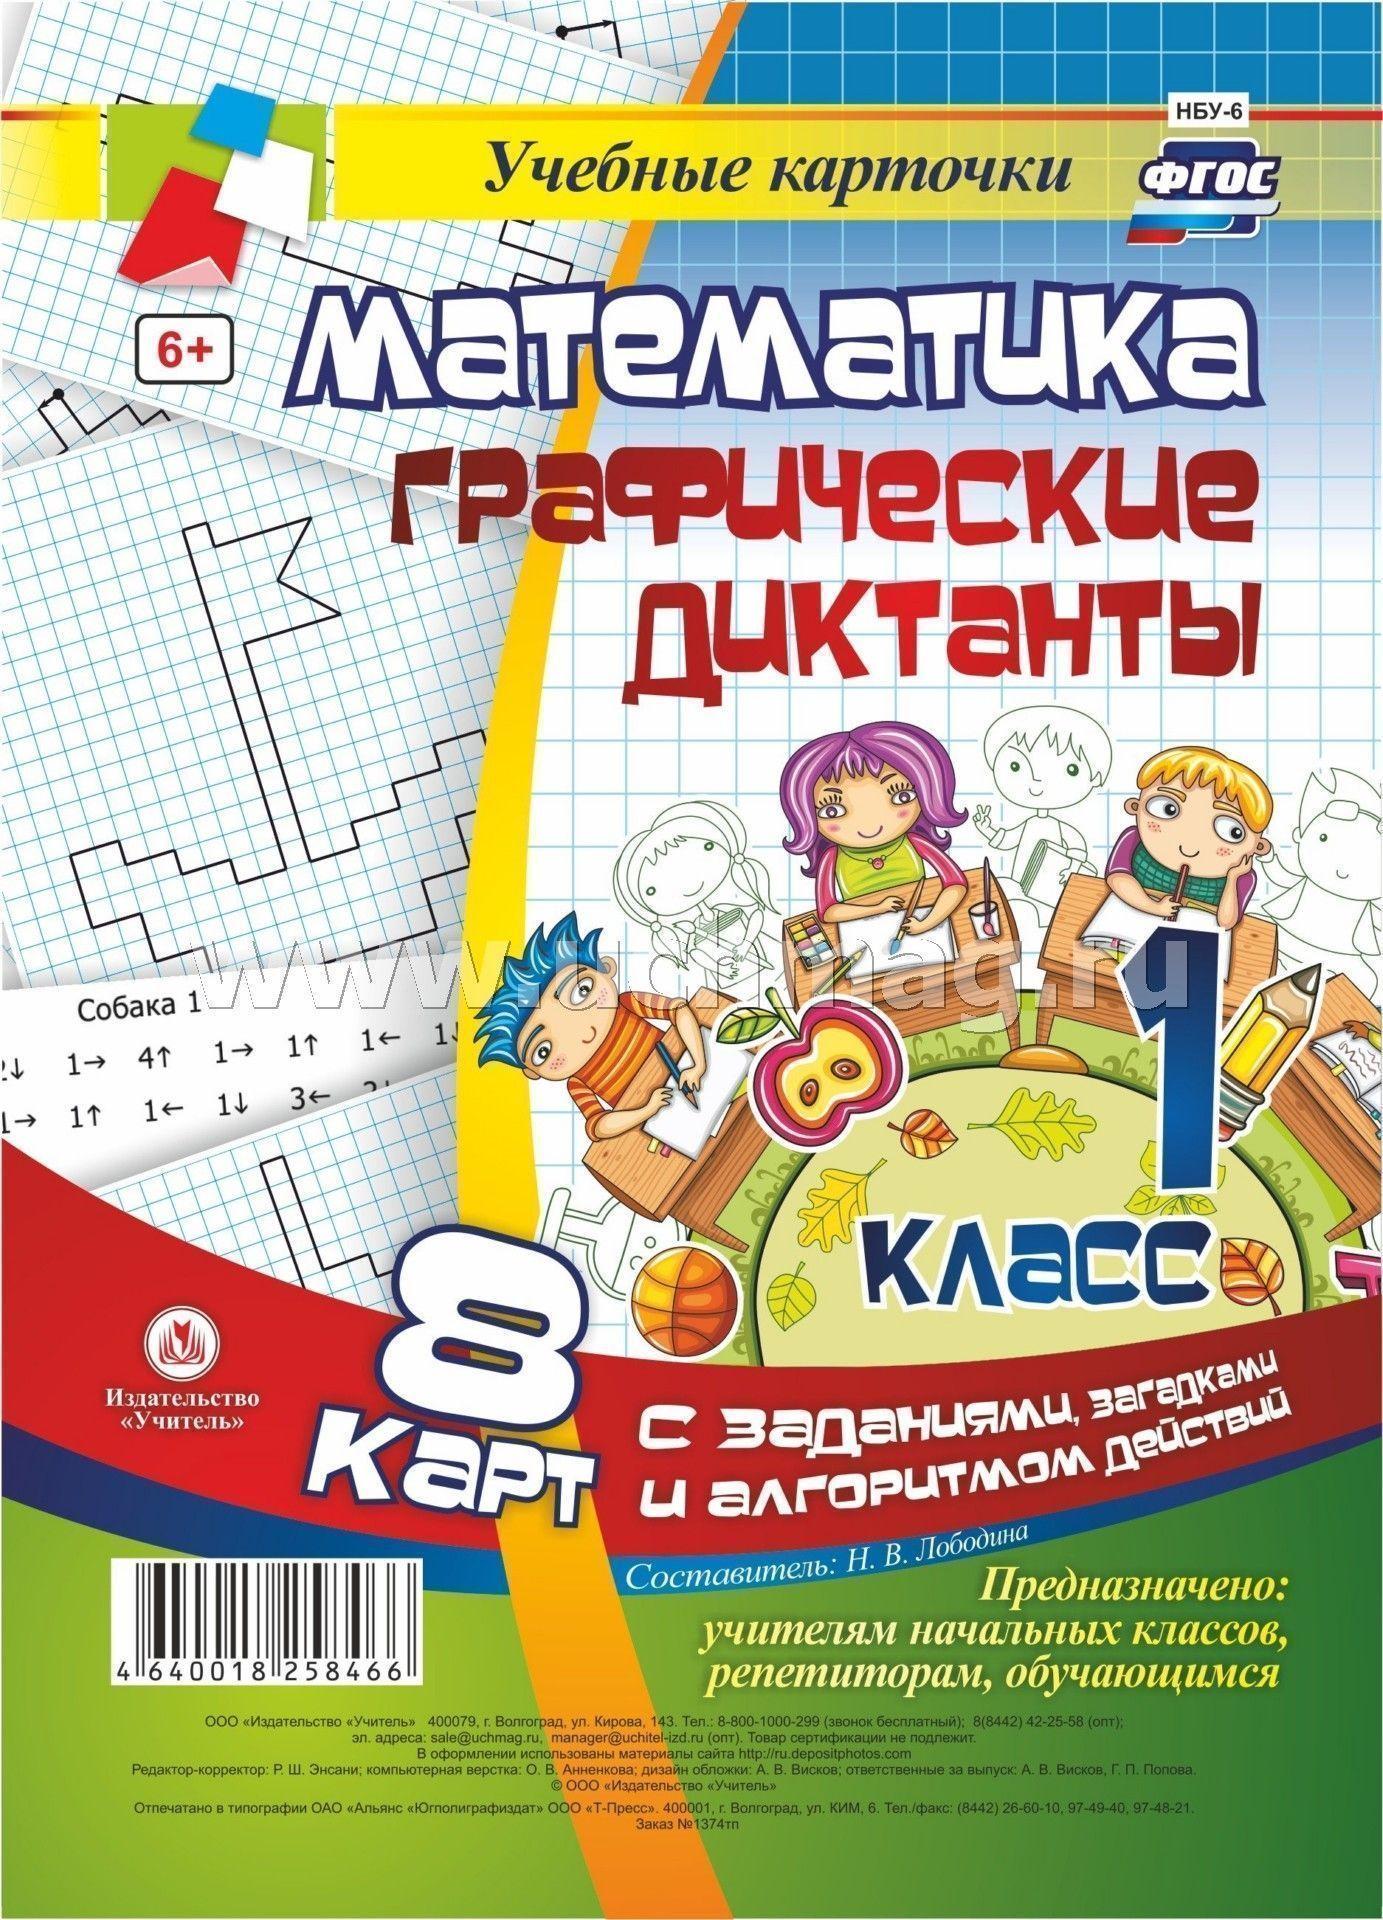 Математика. Графические диктанты. 1 класс: комплект из 8 карт с заданиями, загадками и алгоритмом действий